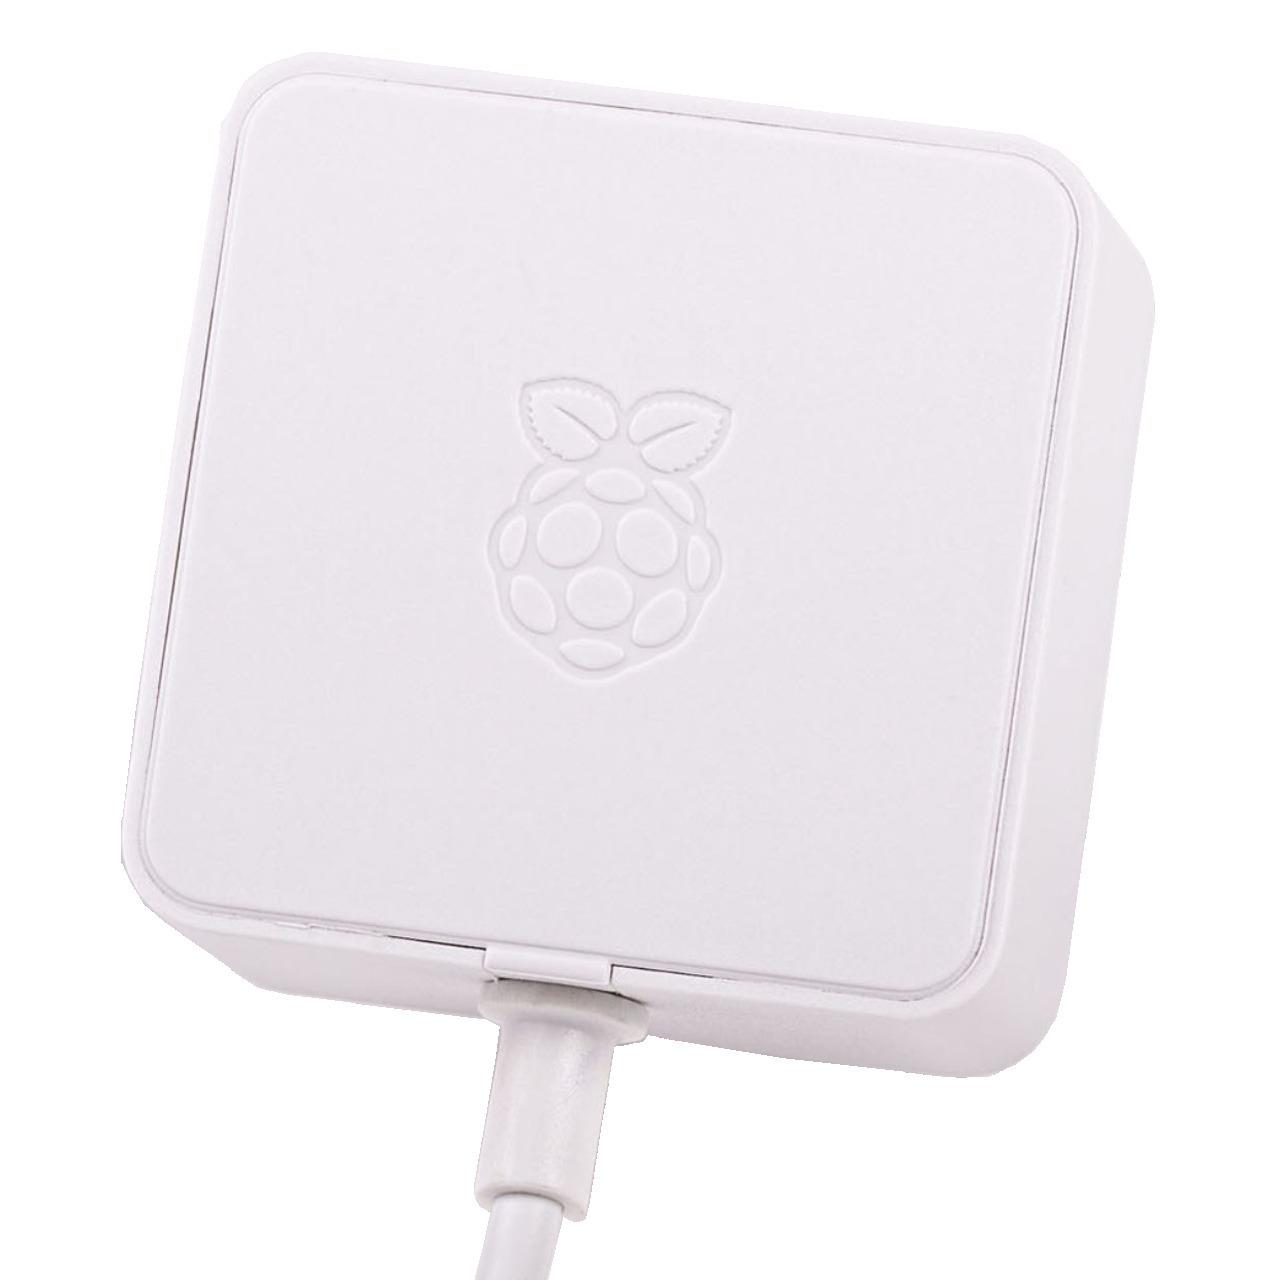 Raspberry Pi 4 USB-Netzteil Typ C- 5-1 V 3A- 1-5 m Kabel- weiss